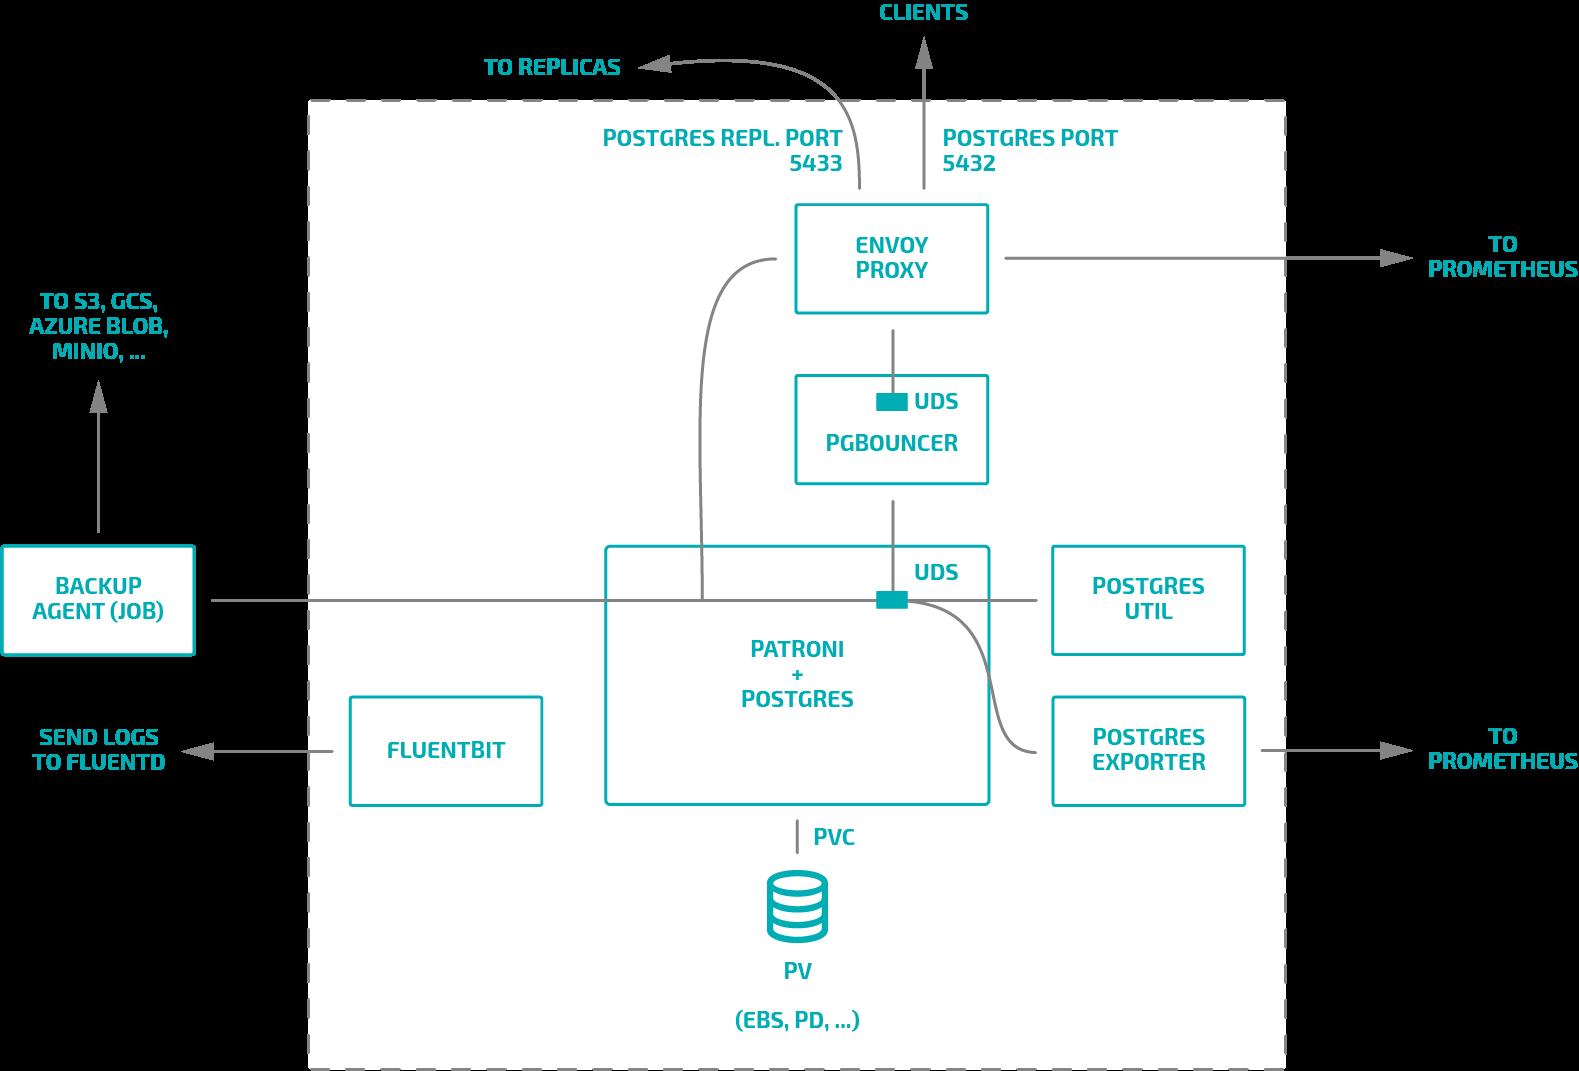 Обзор операторов PostgreSQL для Kubernetes. Часть 2: дополнения и итоговое сравнение - 7